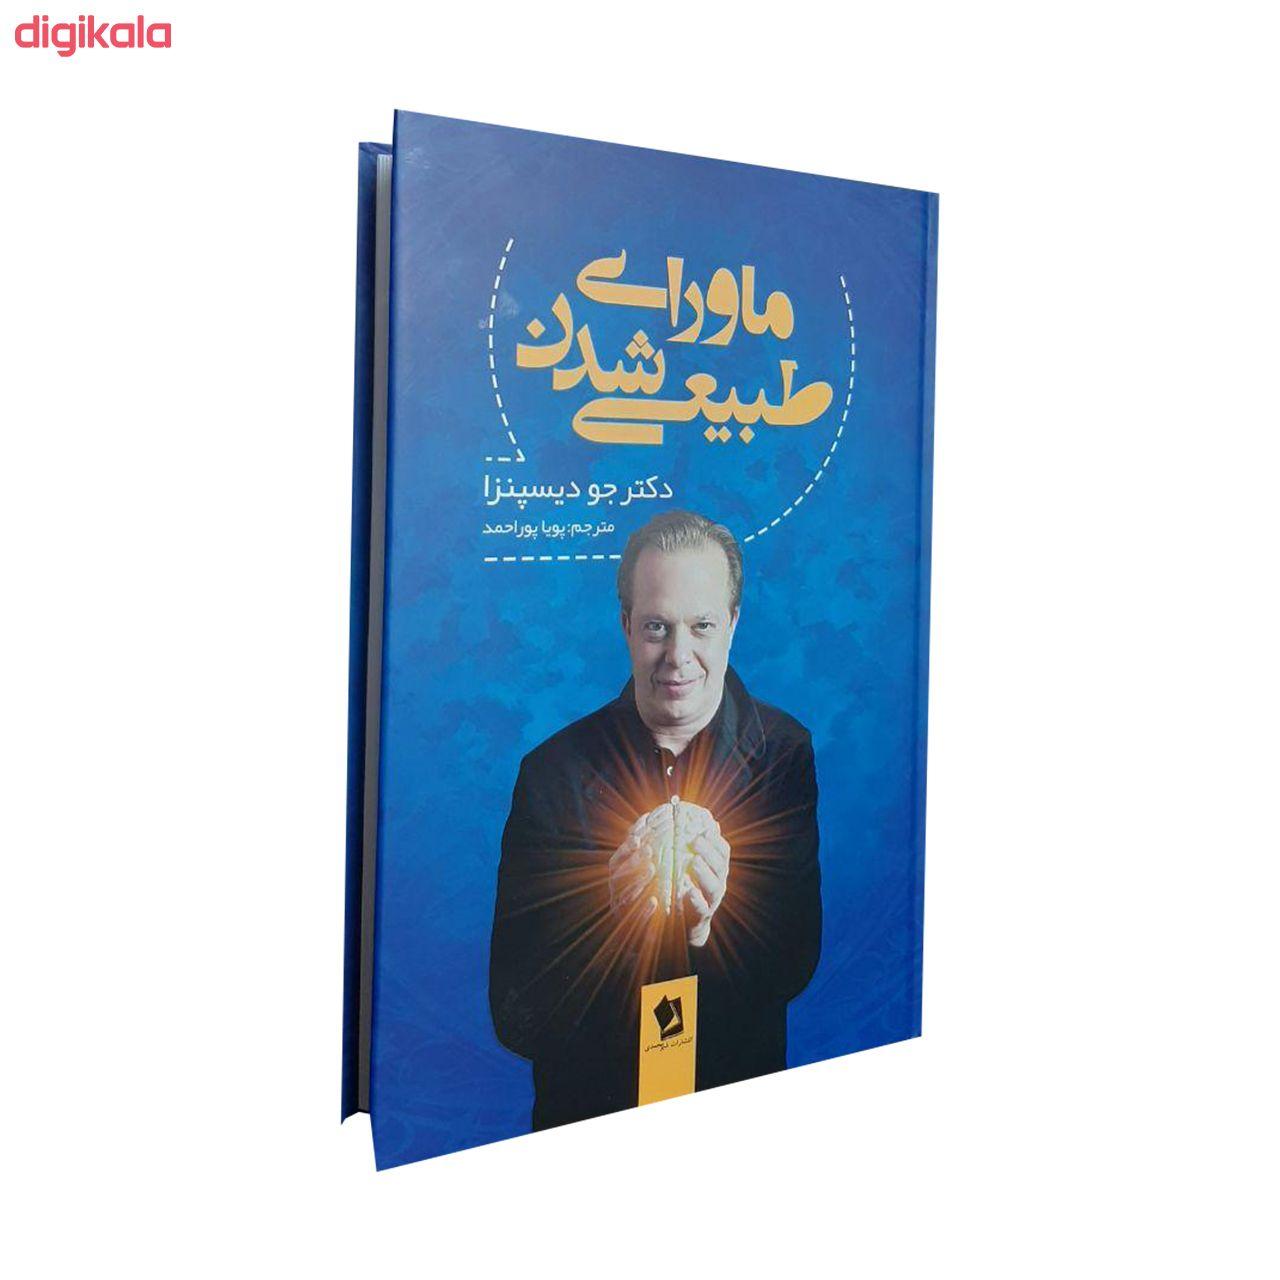 کتاب ماورای طبیعی شدن اثر دکتر جو دیسپنزا انتشارات شیرمحمدی main 1 2